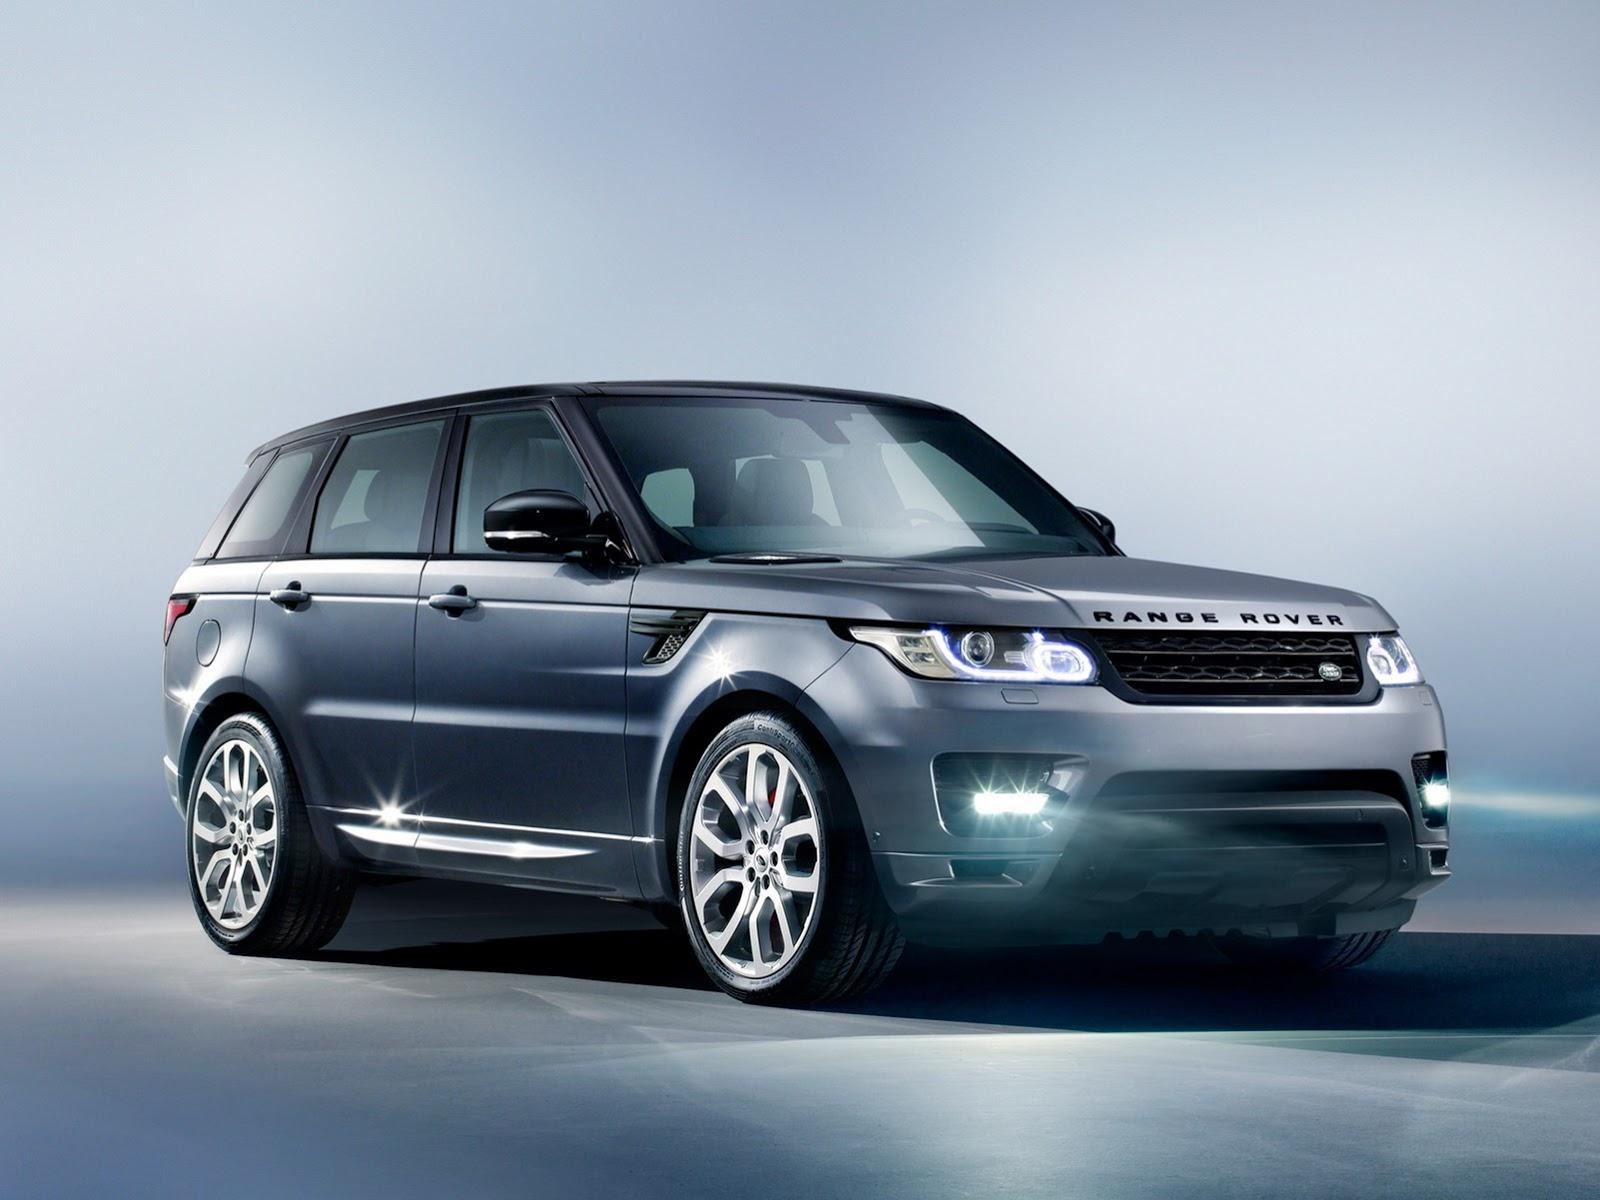 Land Rover Evoque - Novo Modelo 2014